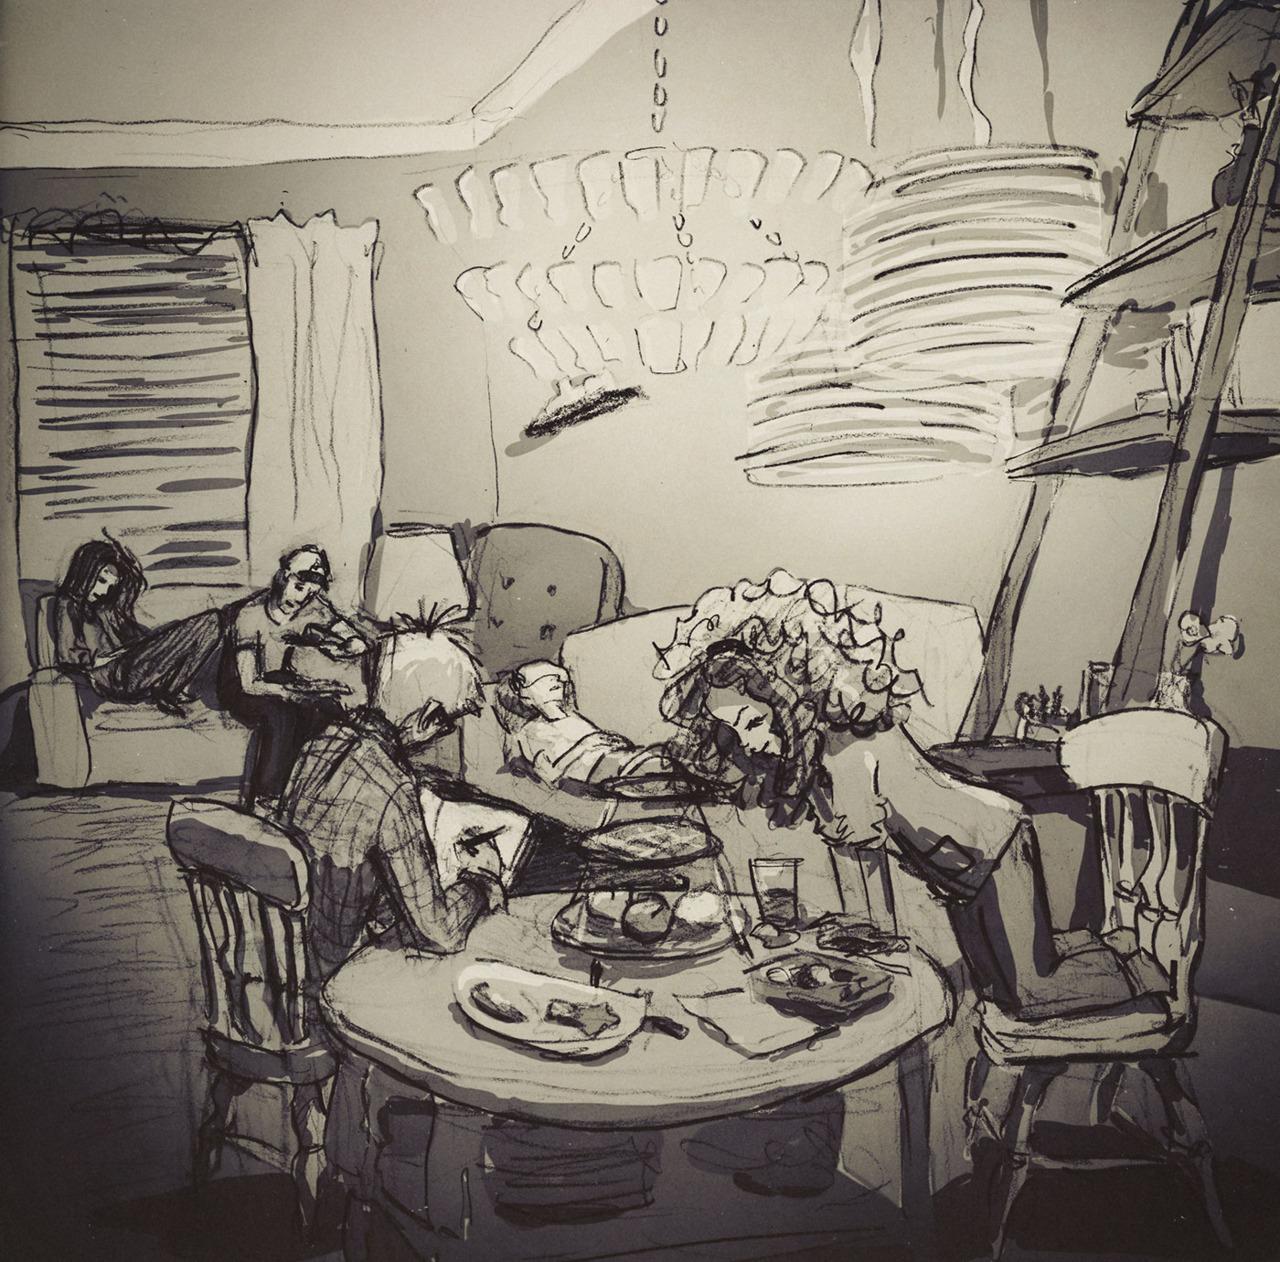 Kardeşlerinin akşam faaliyetleri, Sculpey kil, akşam yemeği ve grip.